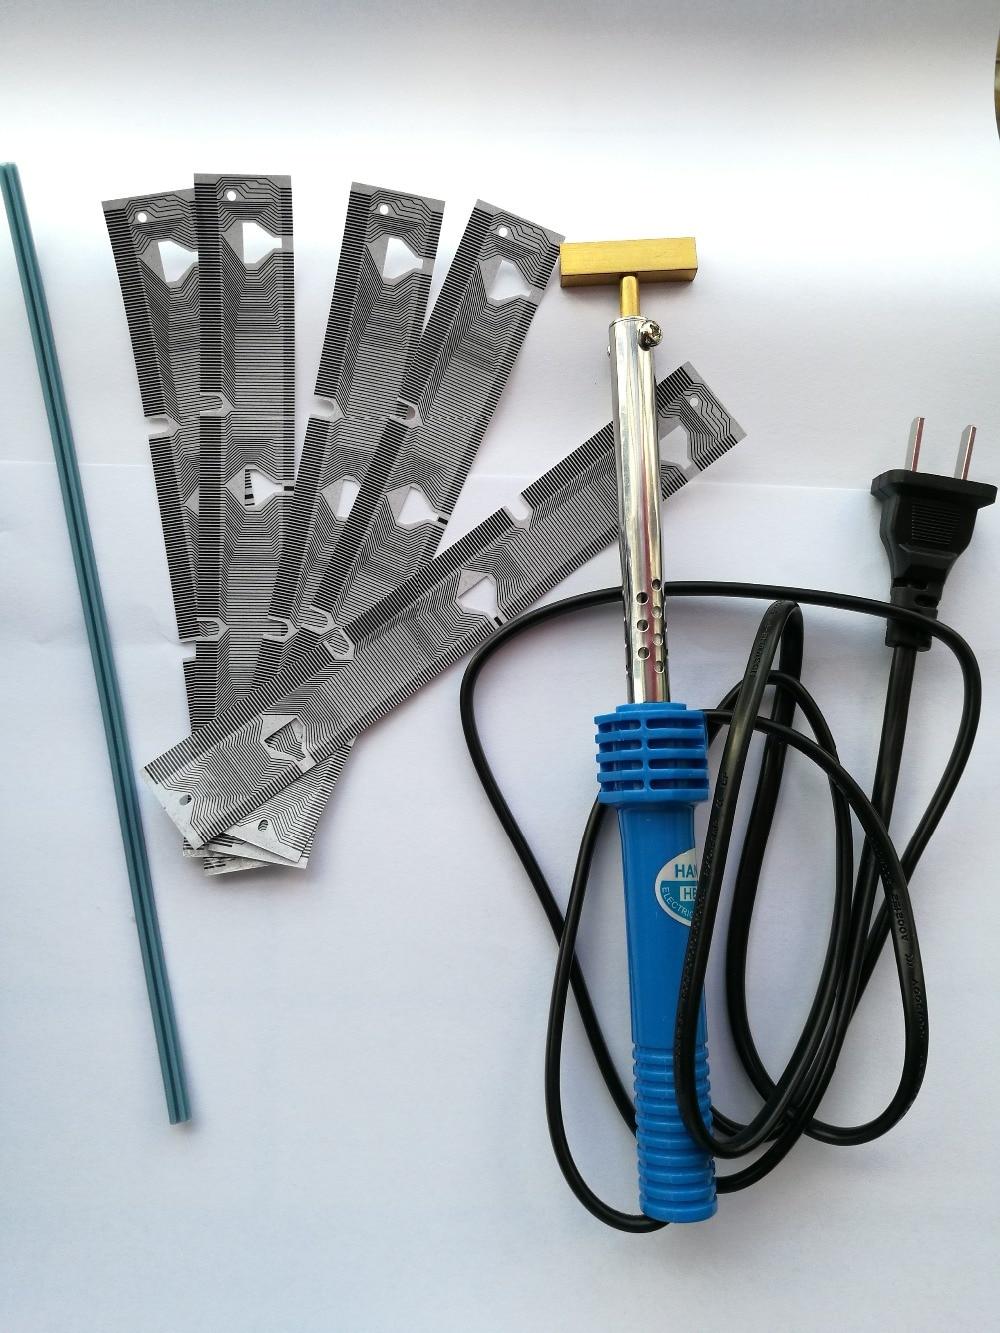 15% de descuento, soldador de 40W + 5 uds para BMW E38 E39 M5 X5, KIT de reparación de fallos de píxeles de pantalla LCD para Cable de cinta de grupo de velocímetro